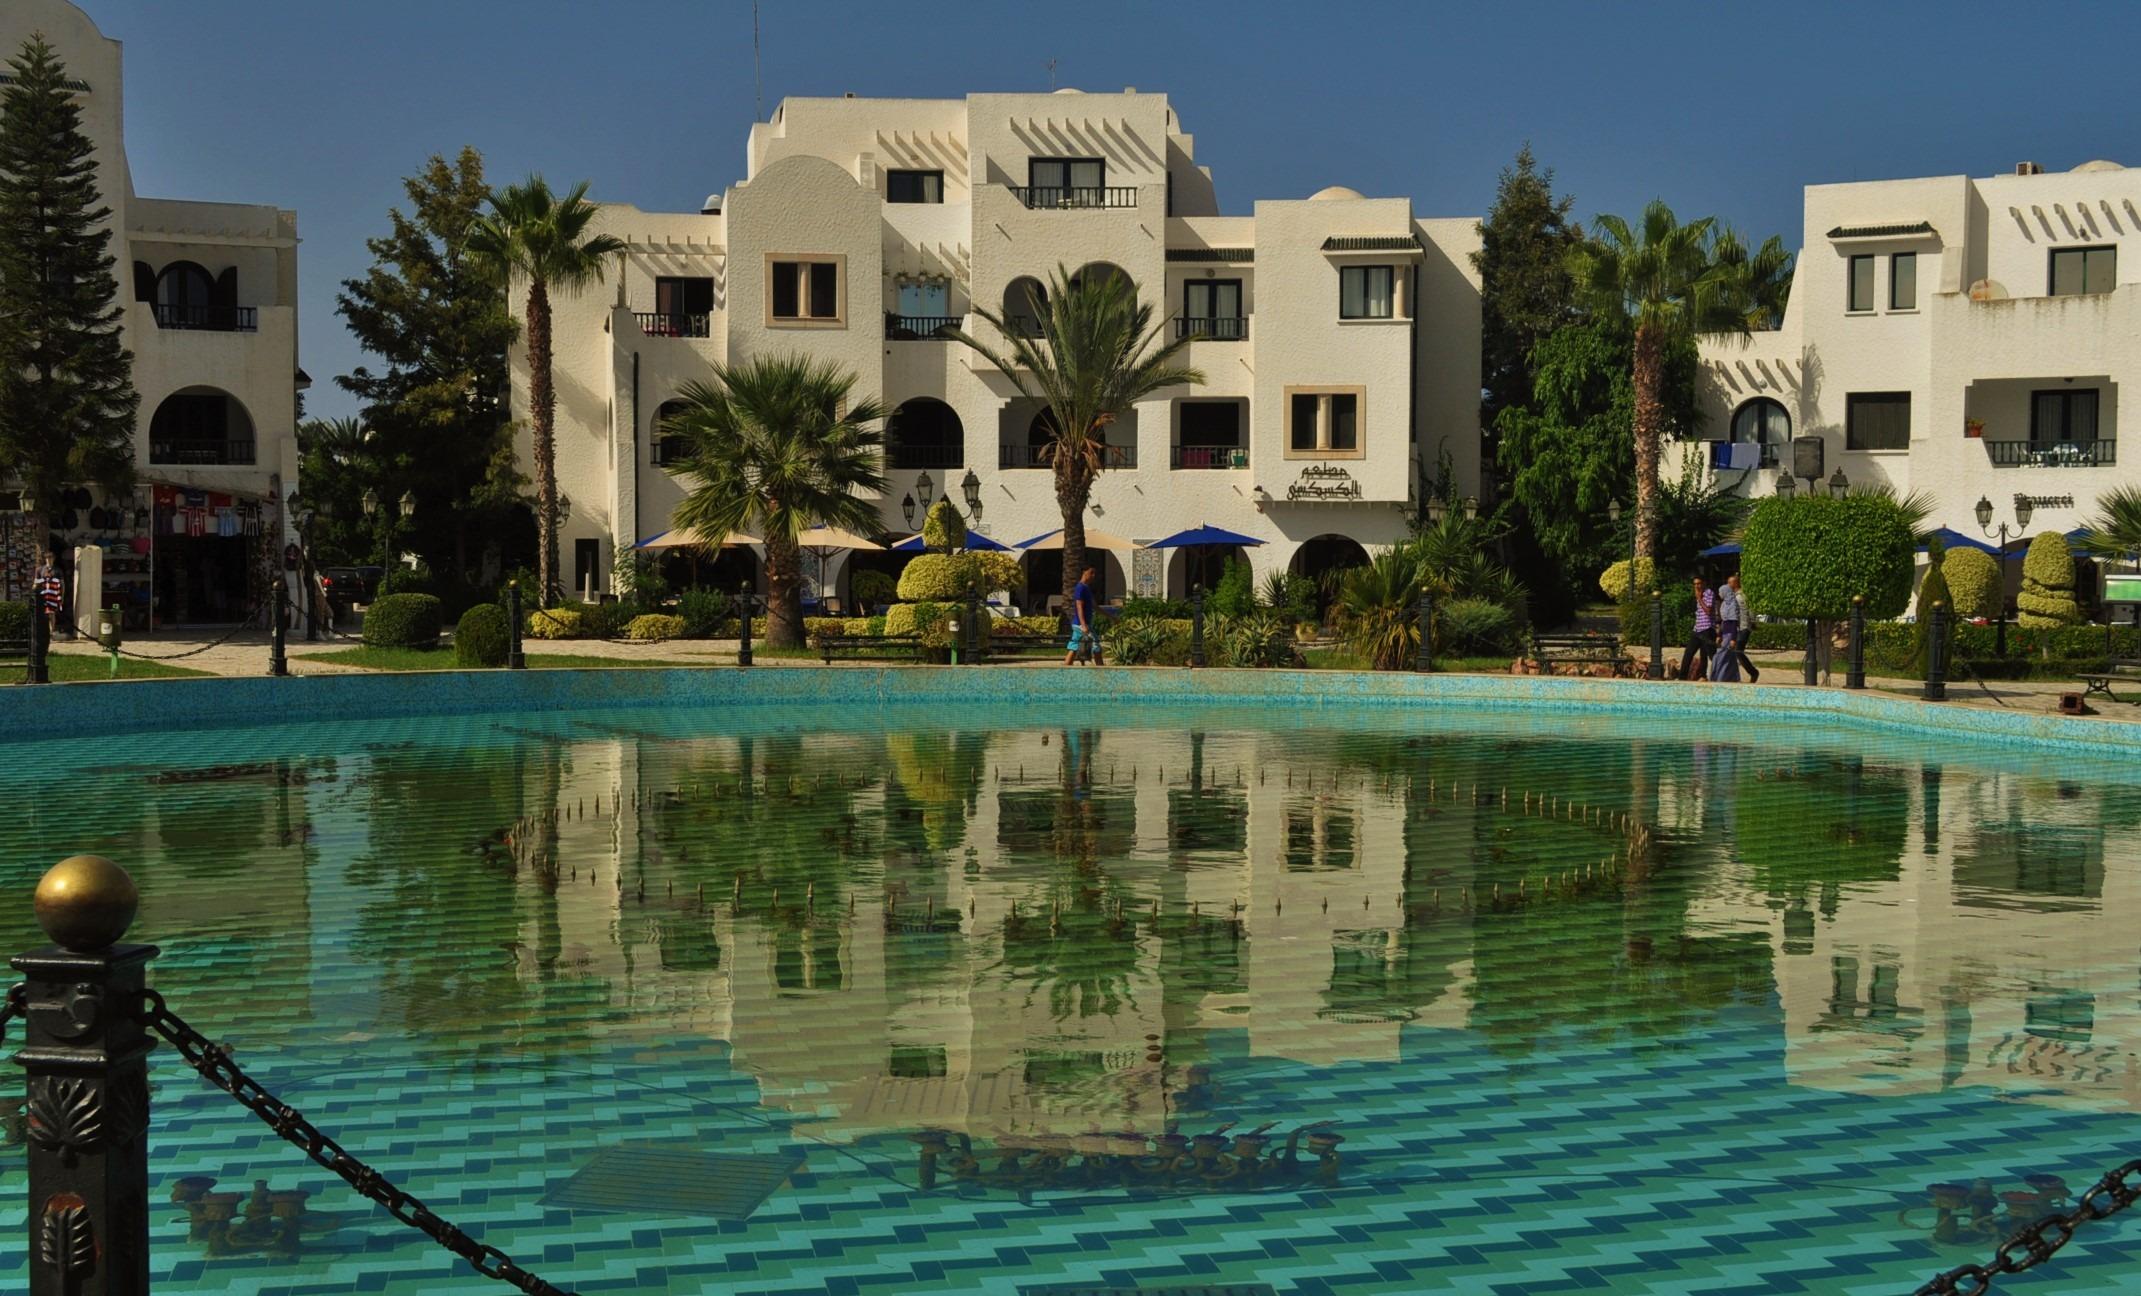 Пристанищното градче Ел Кантануи на Сус, където беше хотелът ни